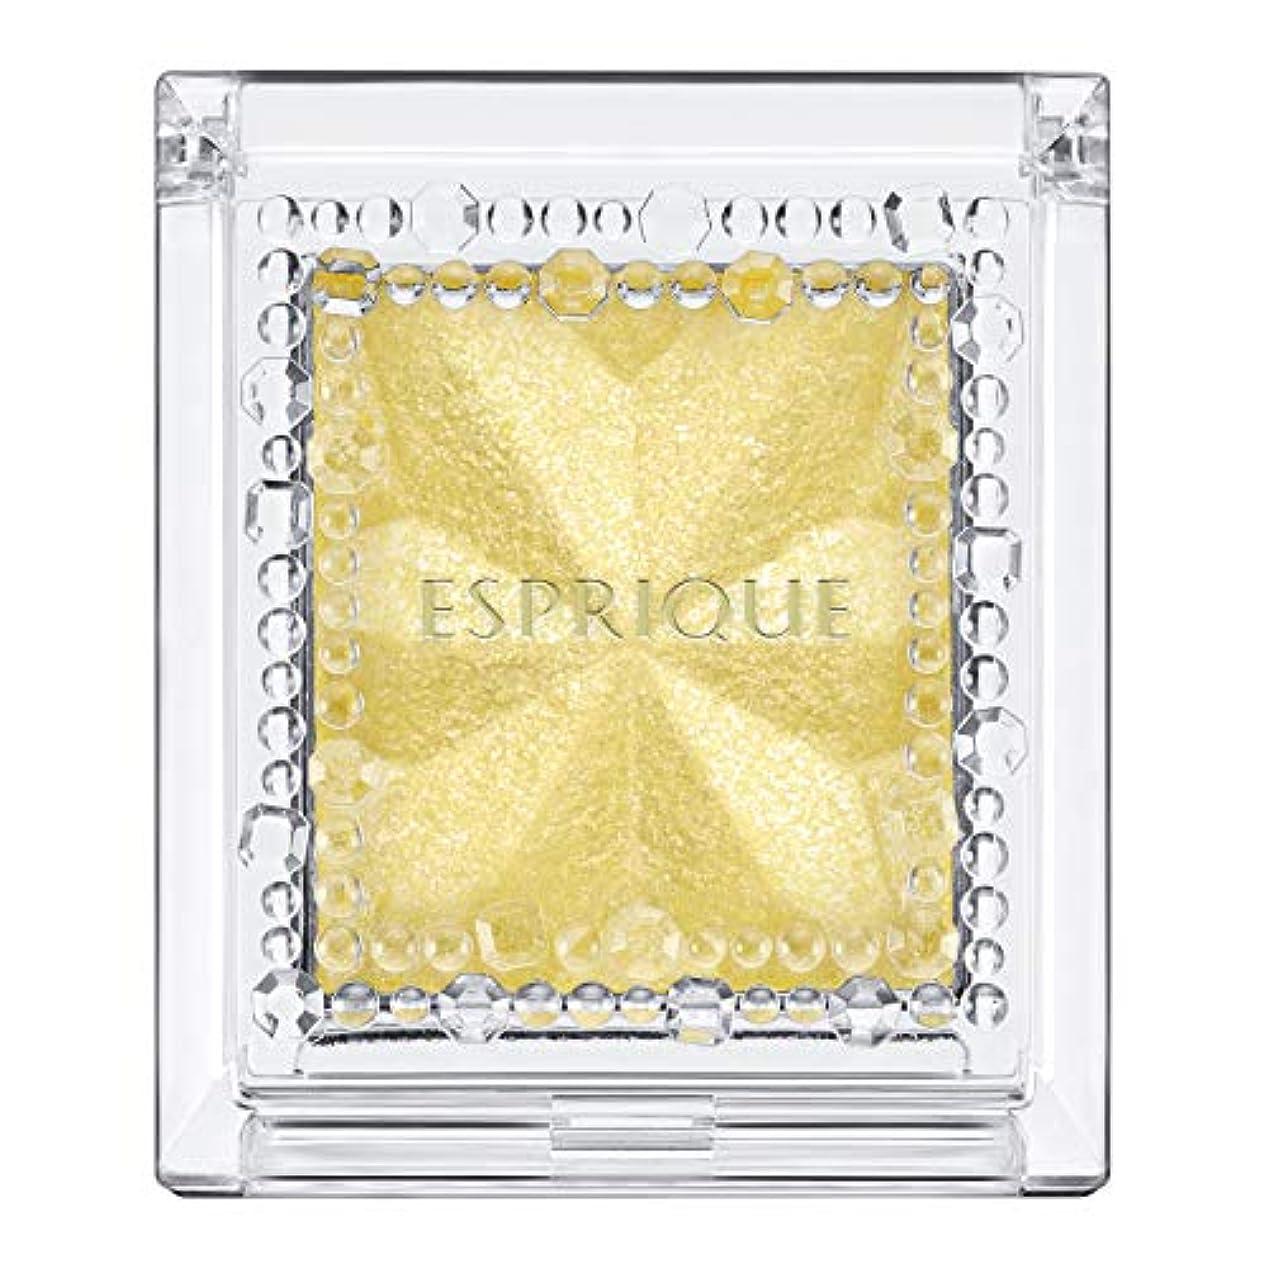 可能有効な芸術的ESPRIQUE(エスプリーク) エスプリーク セレクト アイカラー N アイシャドウ YE502 1.5g